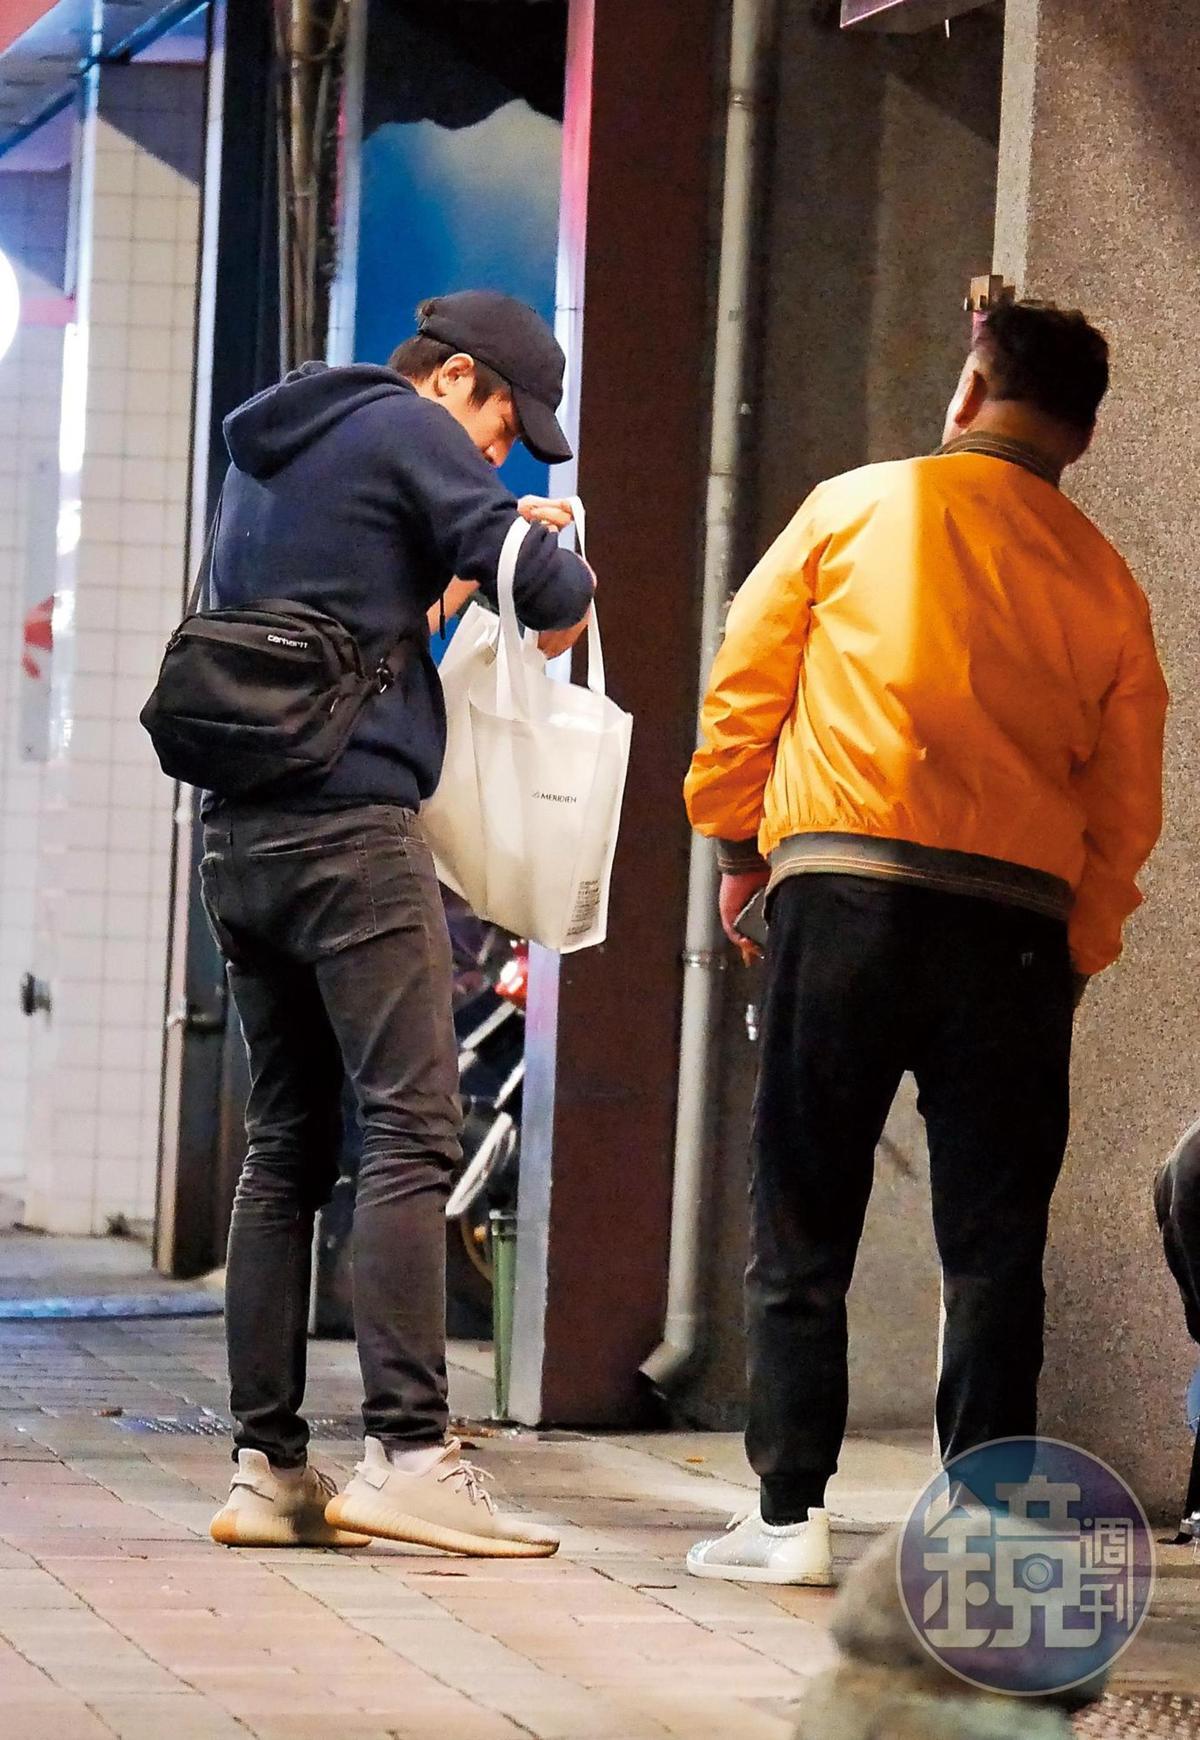 12月27日04:19,抽完菸後,林更新接過新女友的白提袋幫忙拿,還不時從袋裡掏東西。